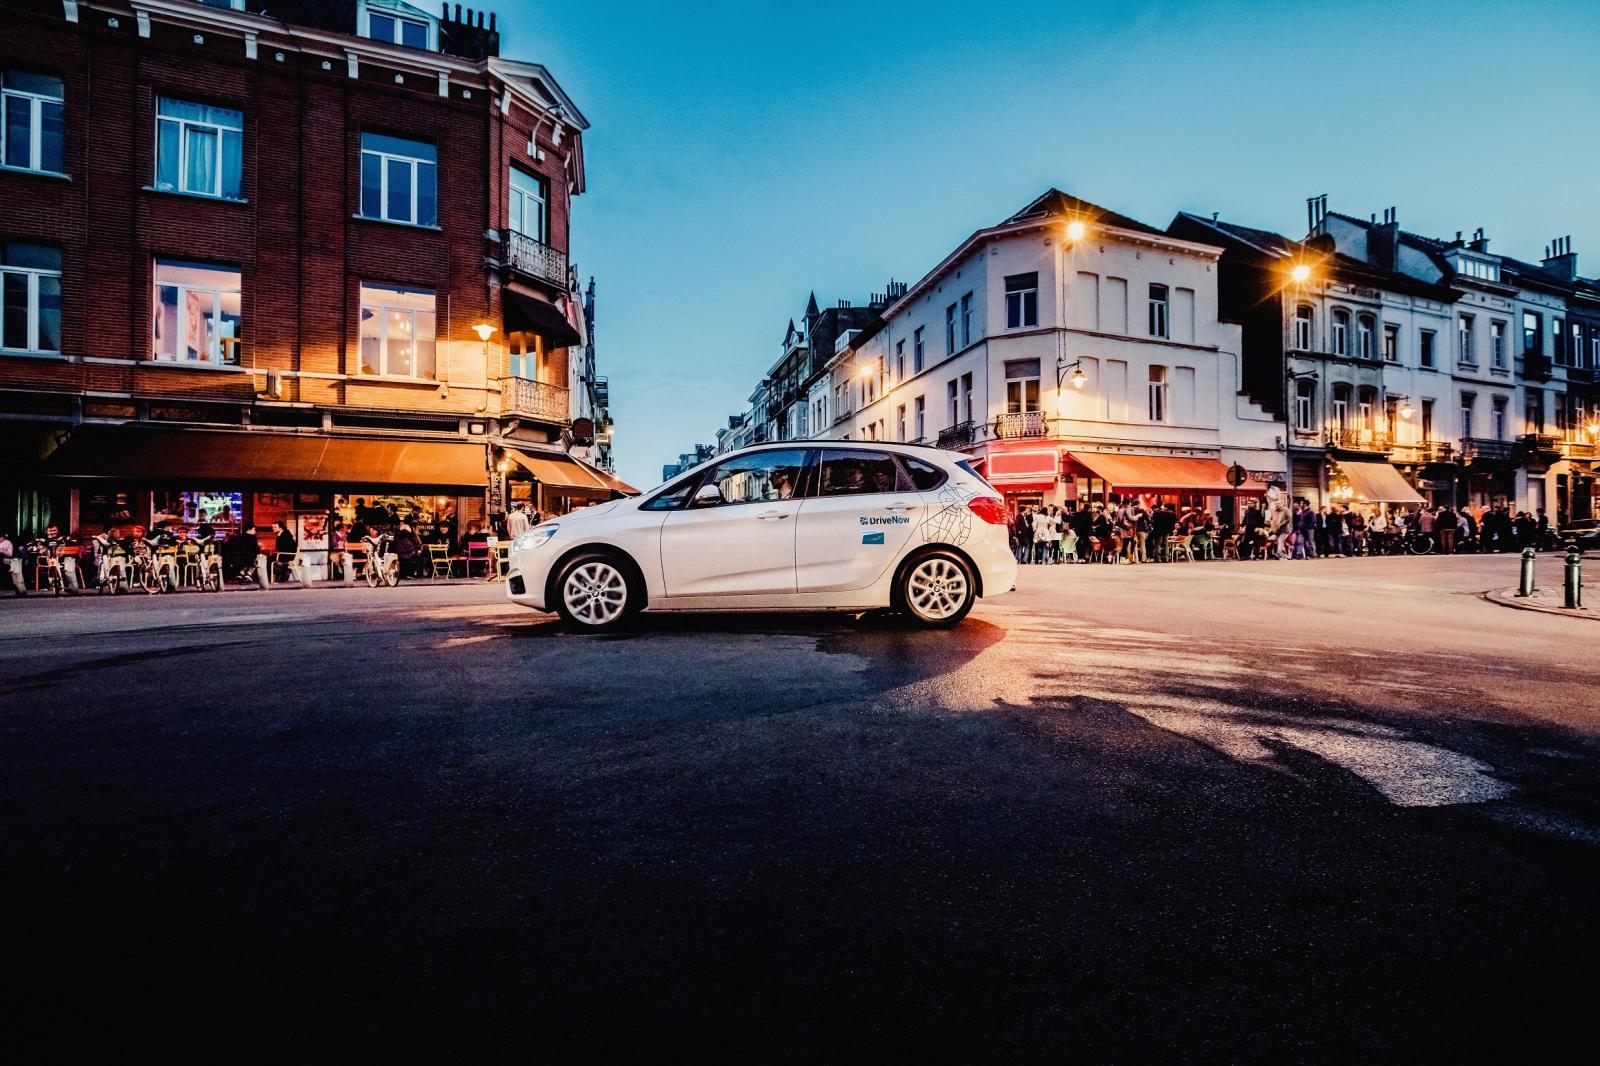 DriveNow_Brussels_BMW_2SeriesAT_Driving_2